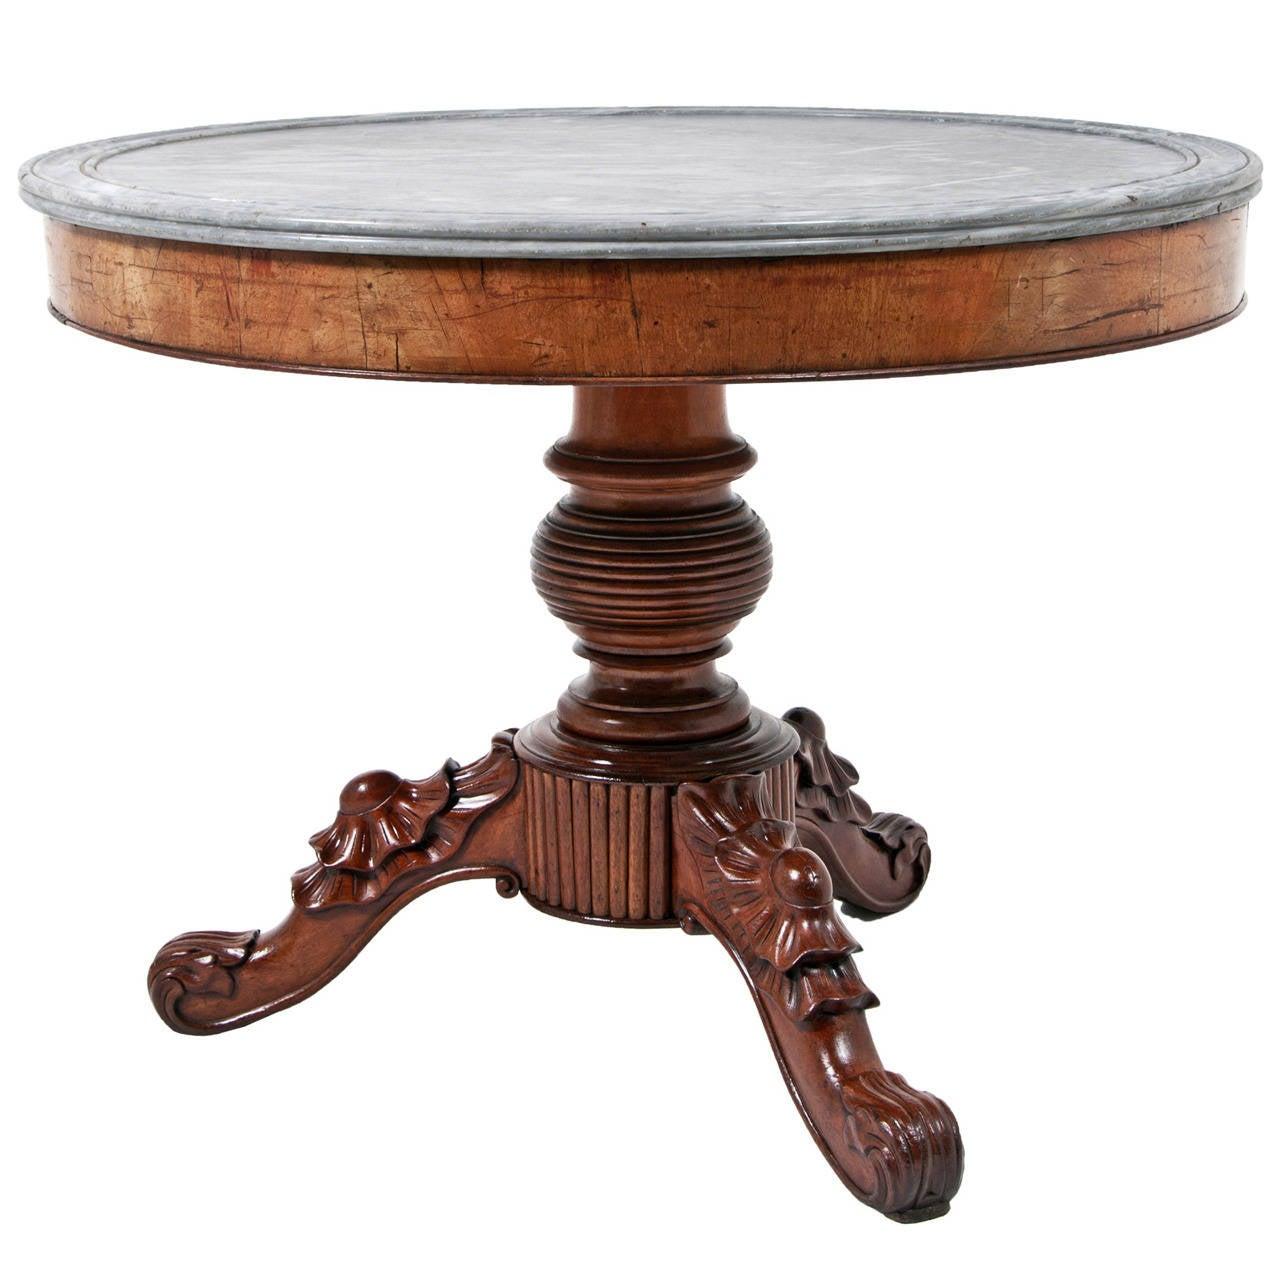 Louis Philippe Gueridon Or Center Table France Circa 1840 1